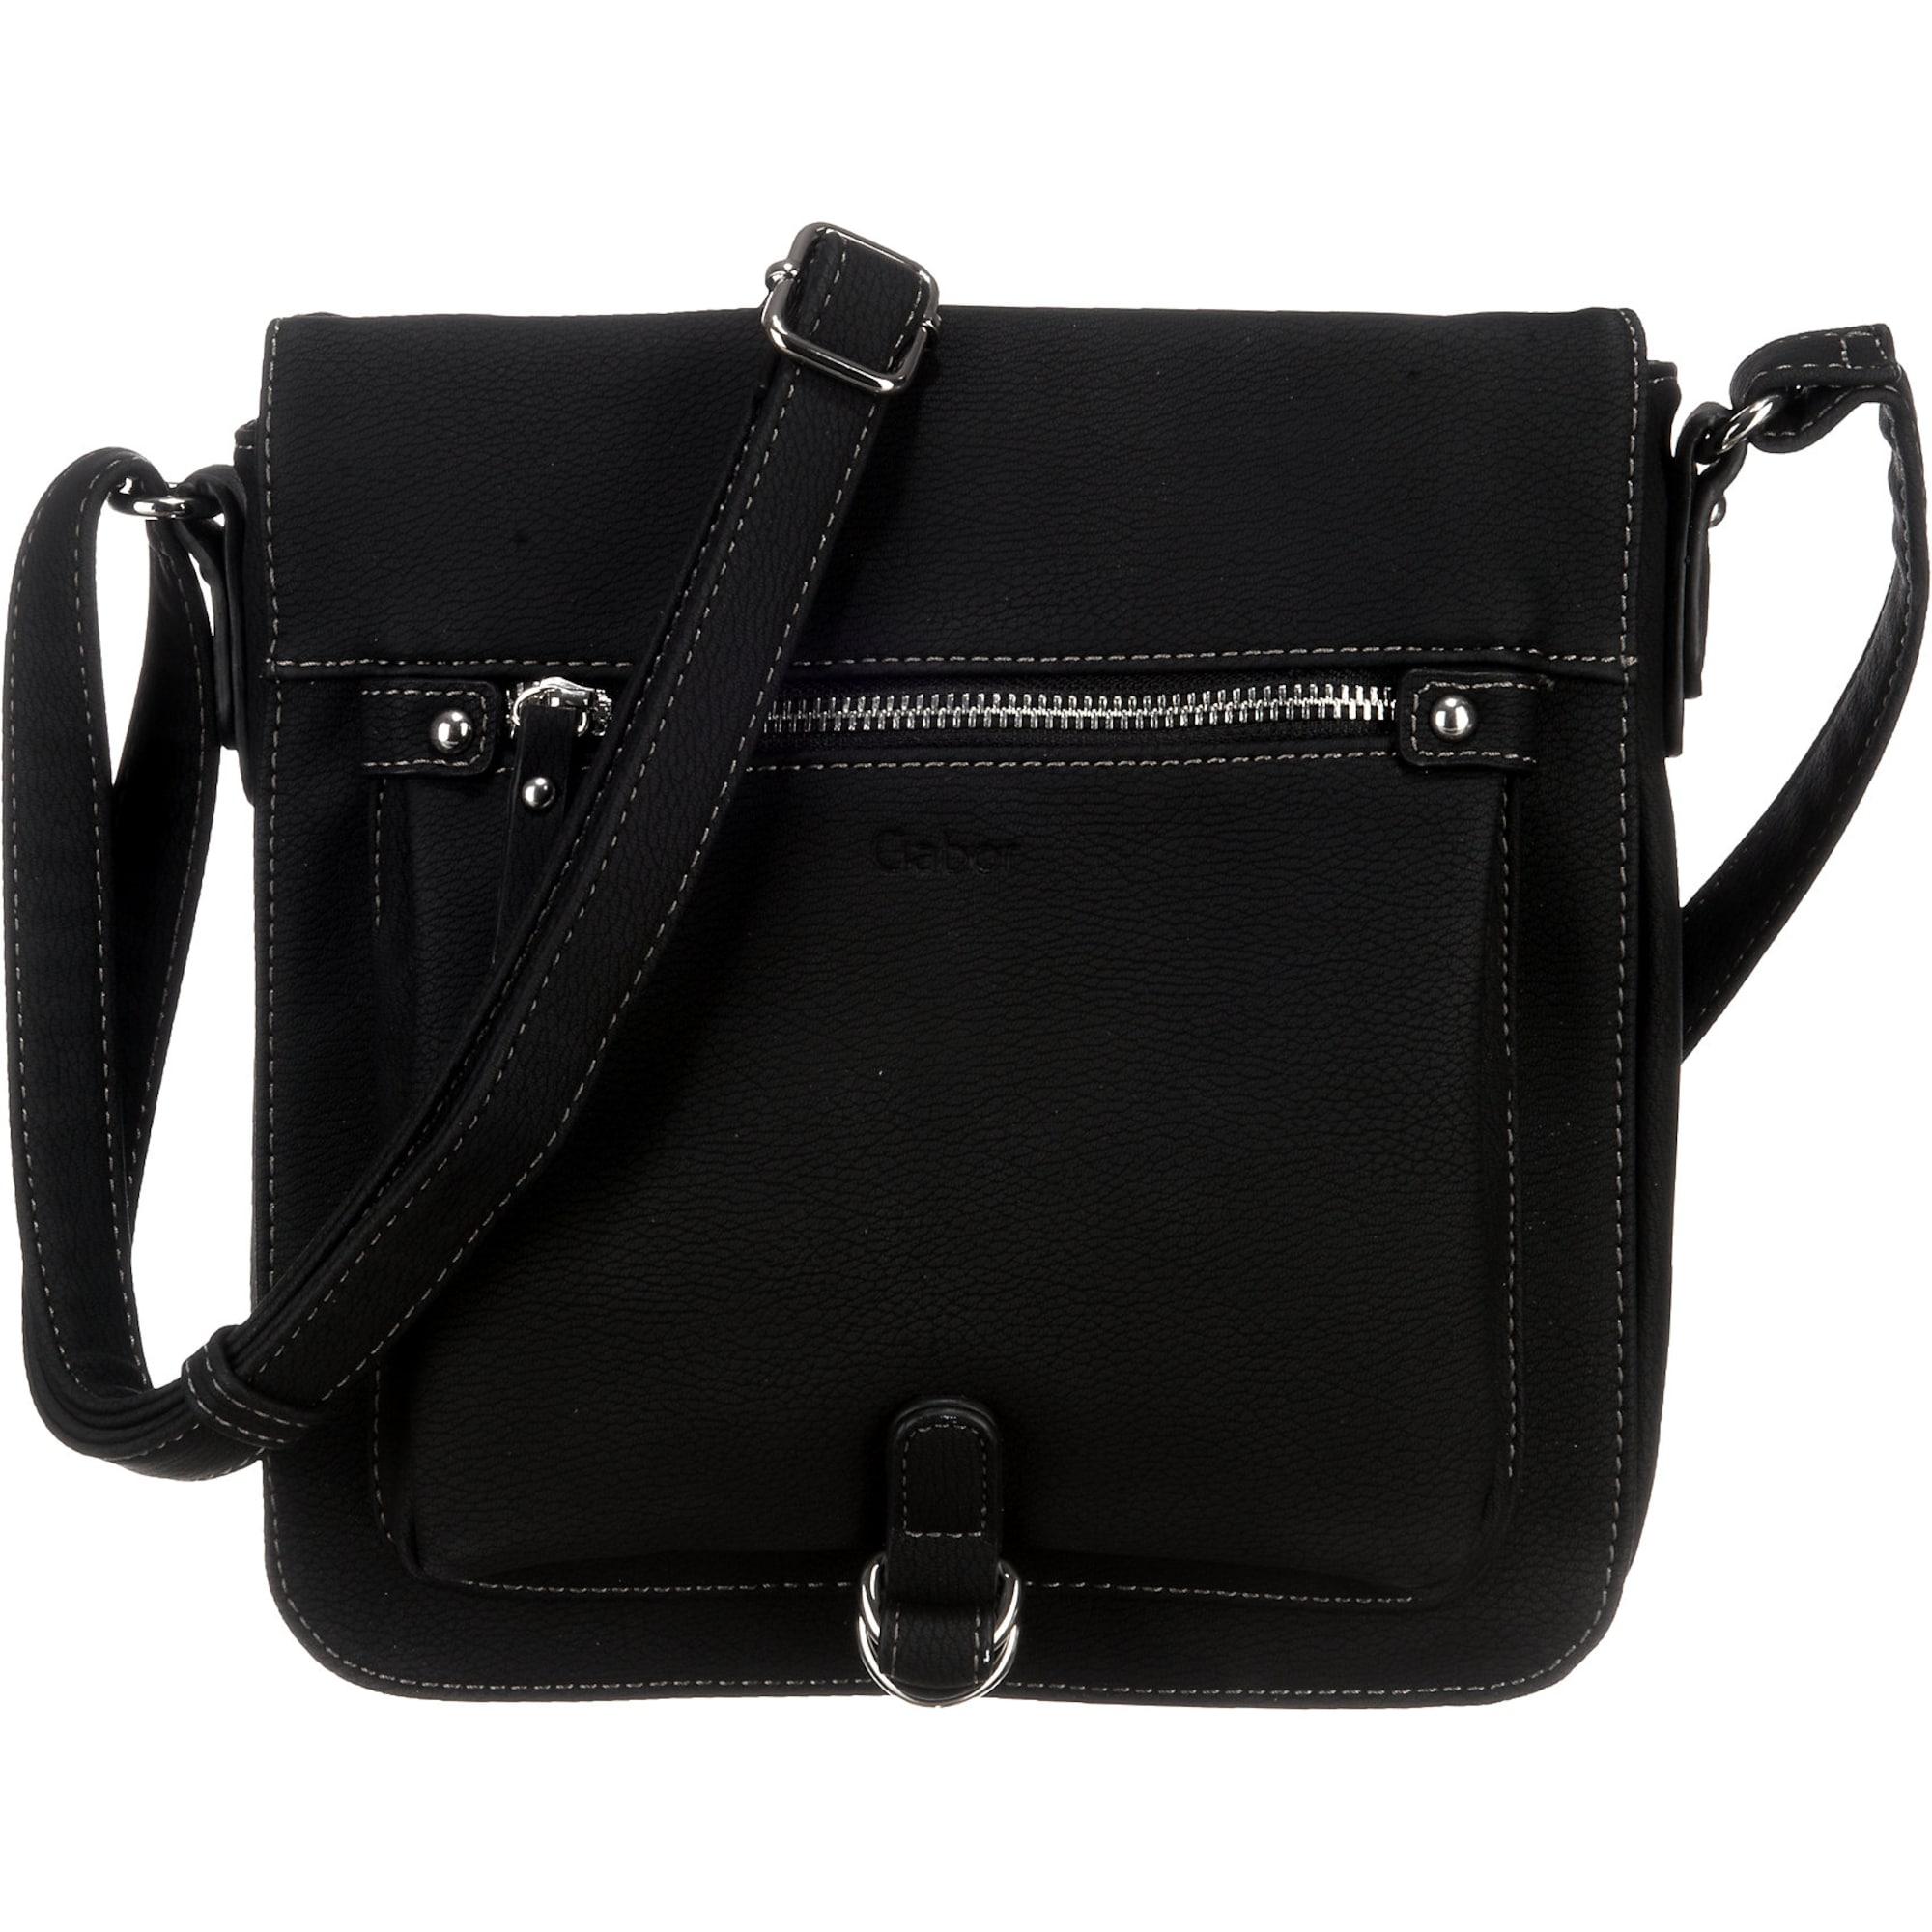 Taschen online günstig kaufen über shop24.at | shop24